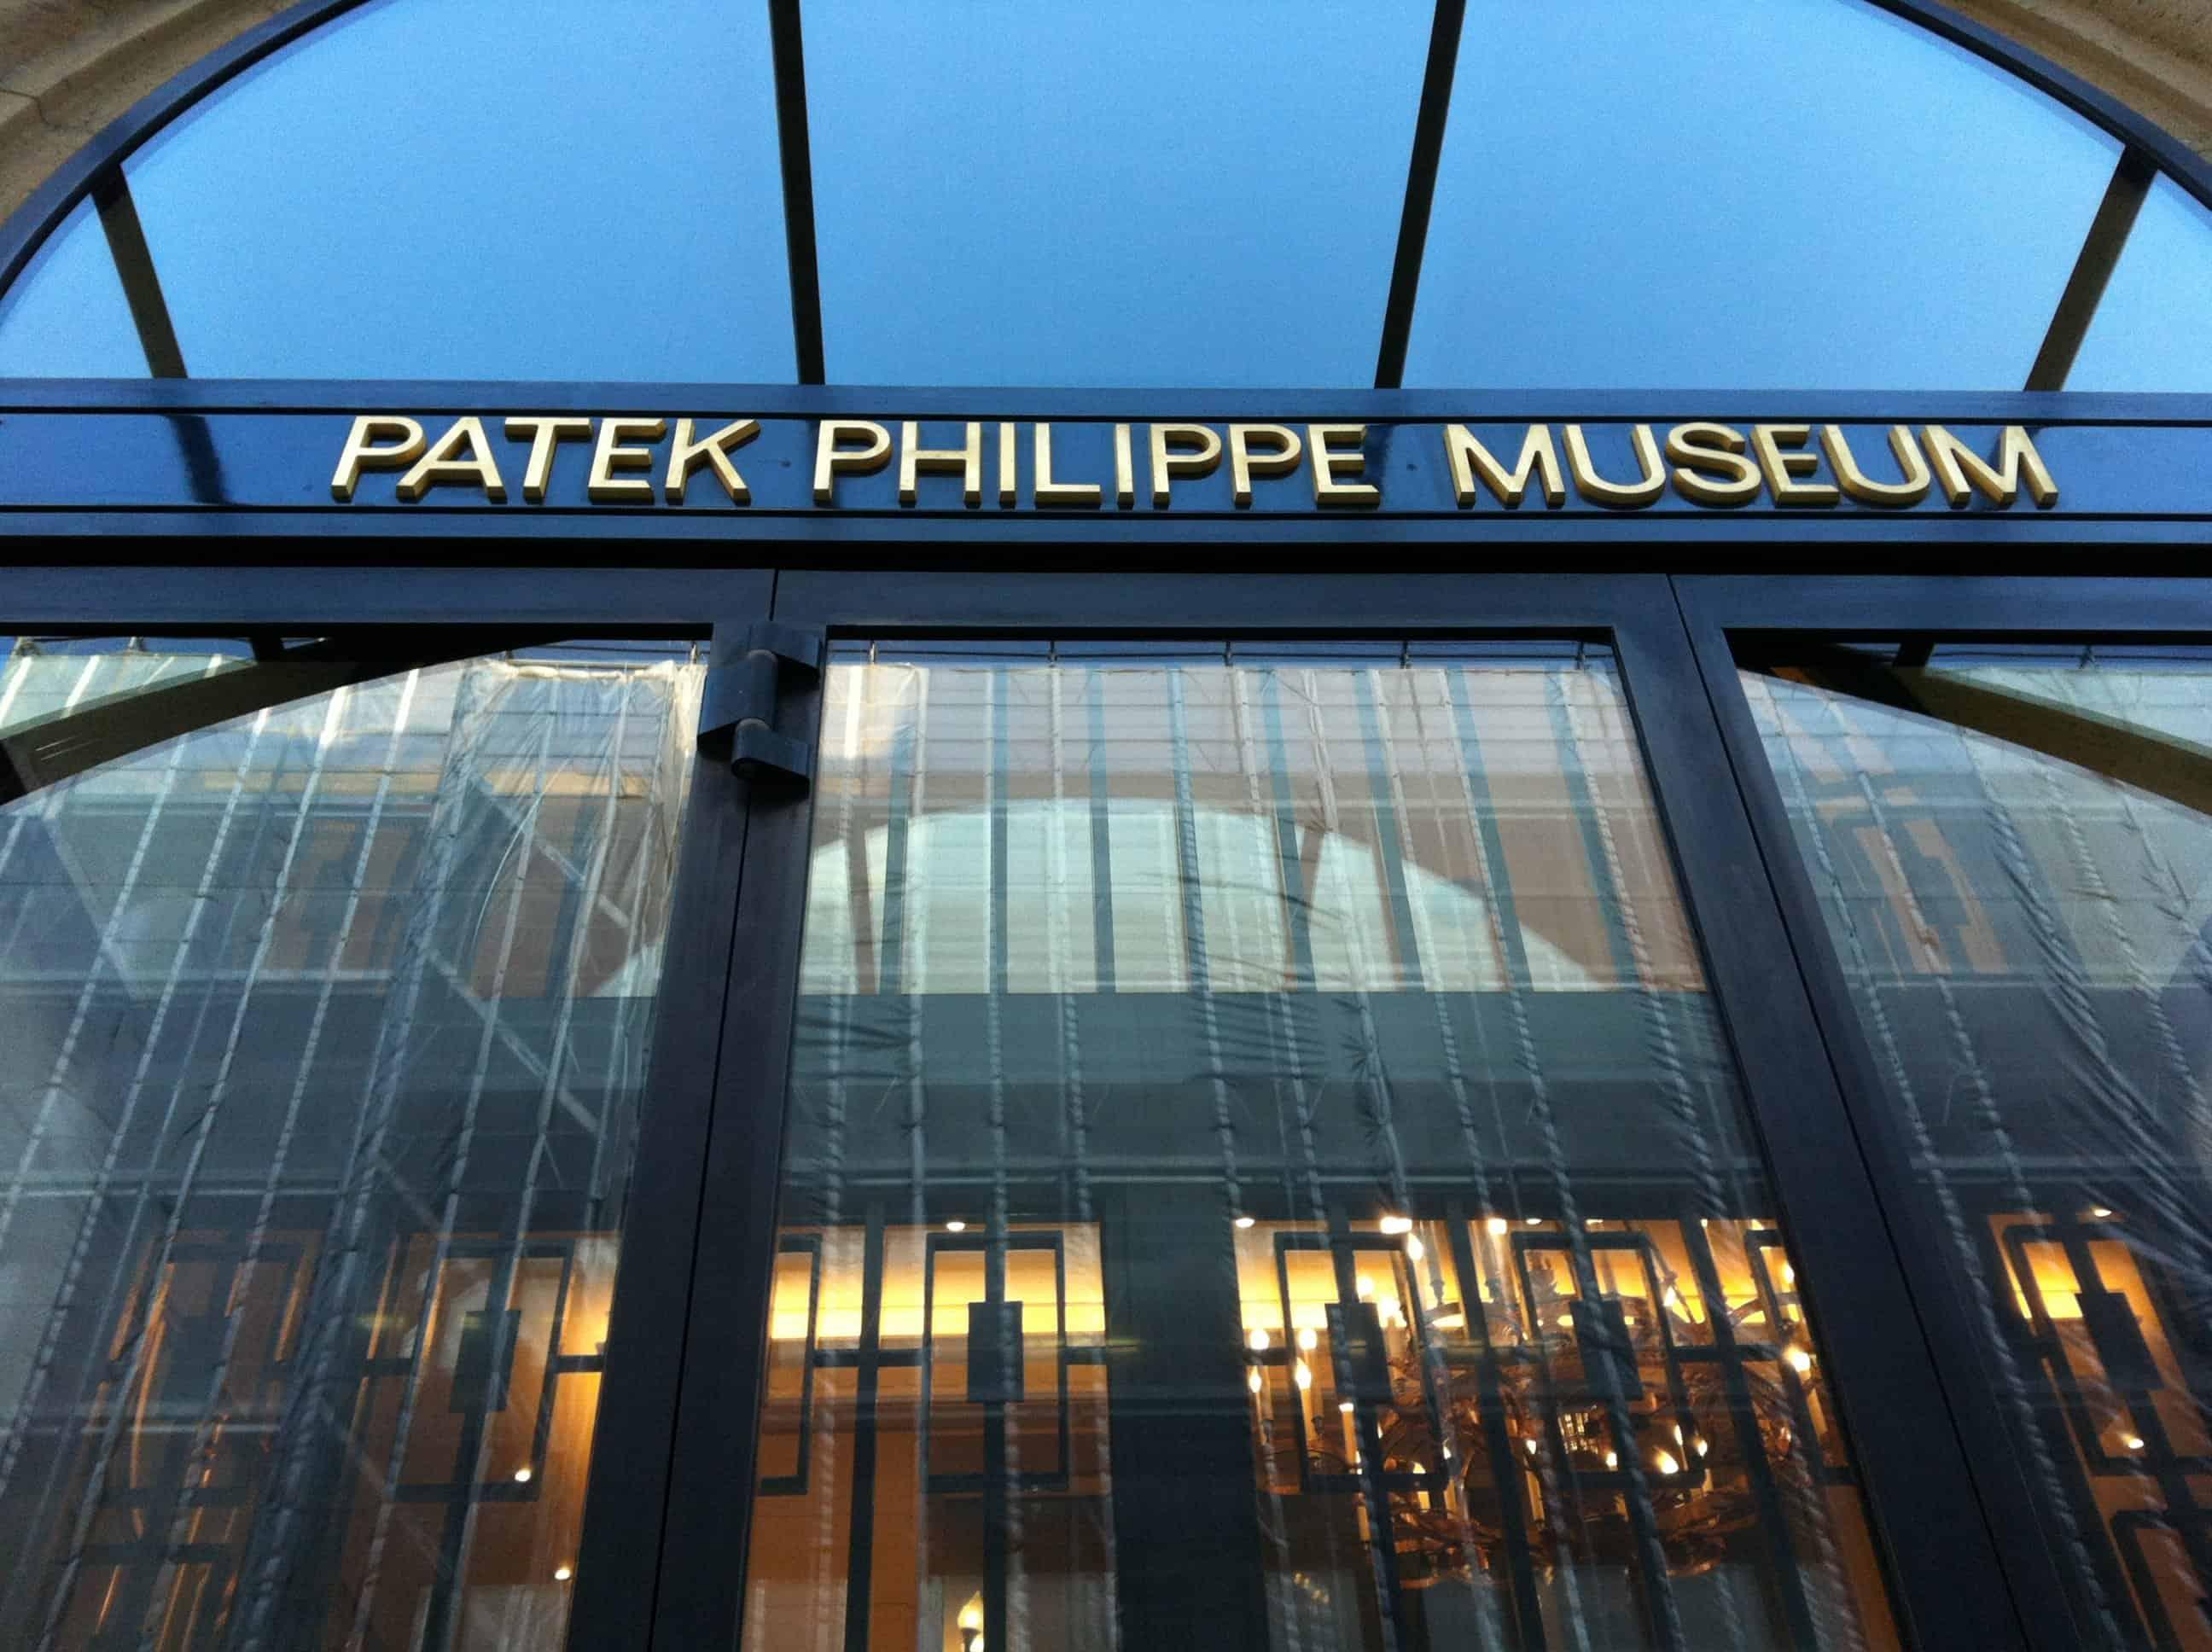 افضل 4 انشطة عند متحف باتيك فيليب جنيف سويسرا